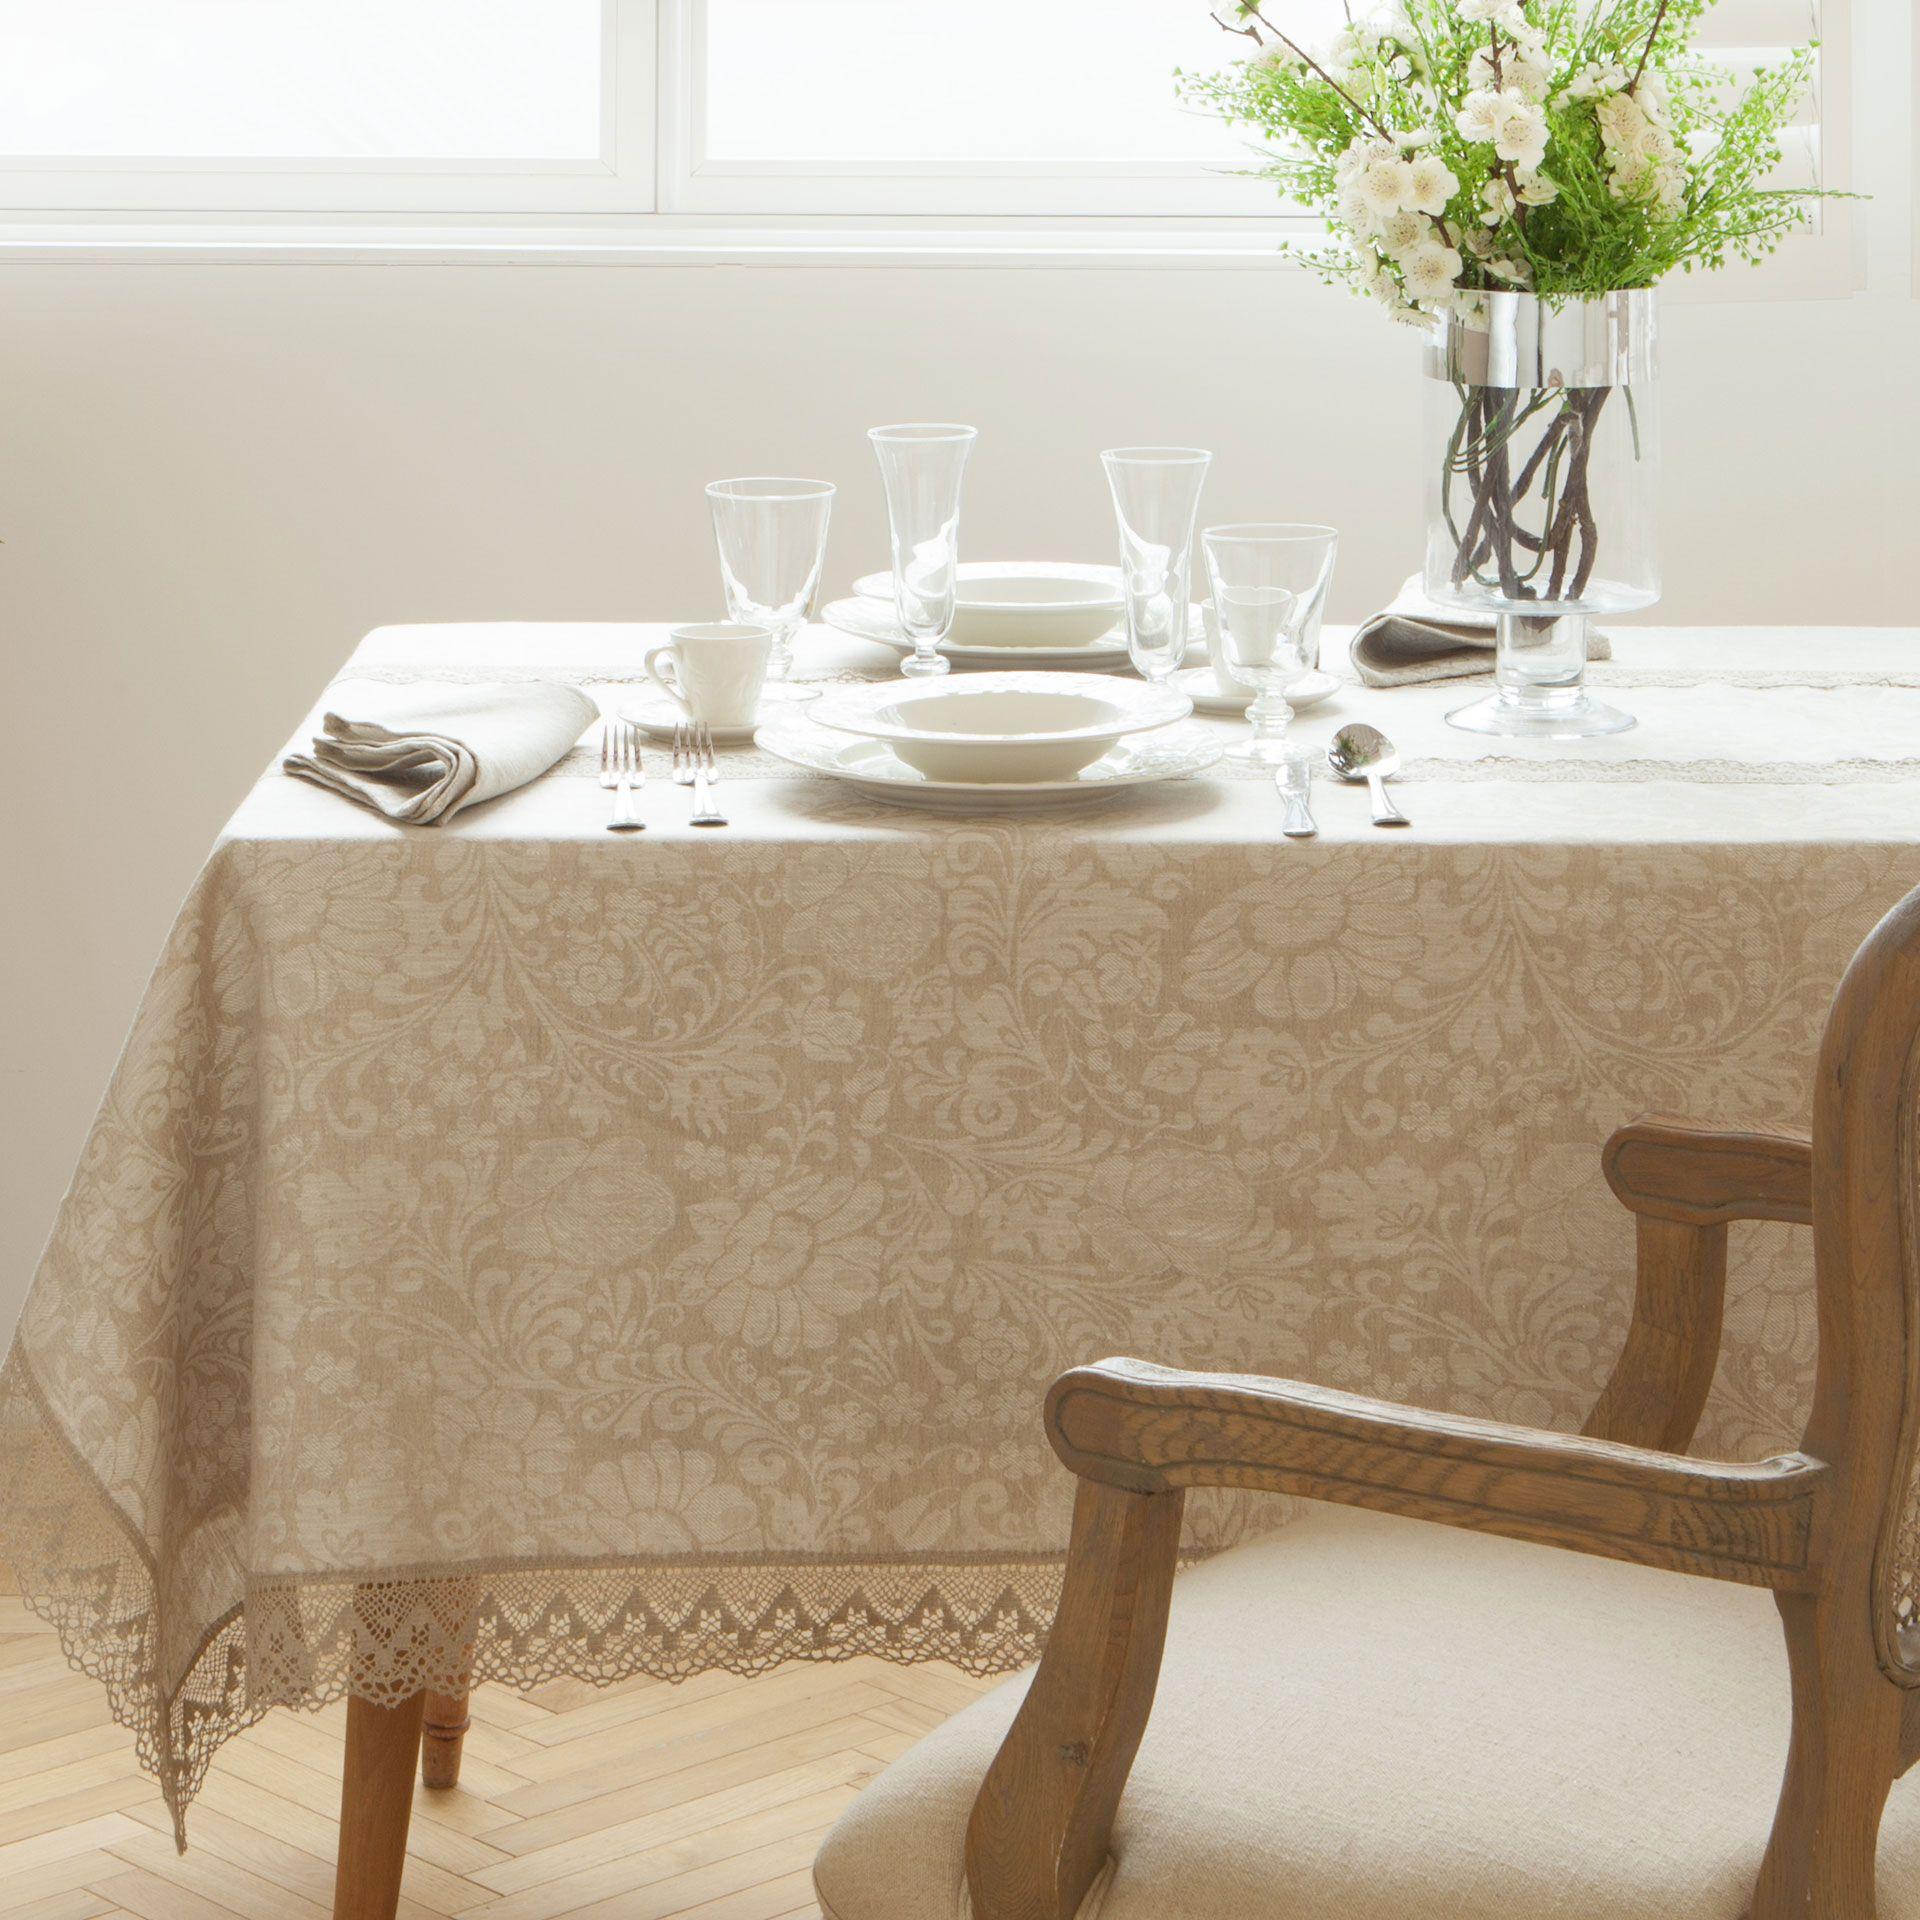 Mantel y servilleta lino puntilla servilleta mantel y zara for Zara home manteles mesa